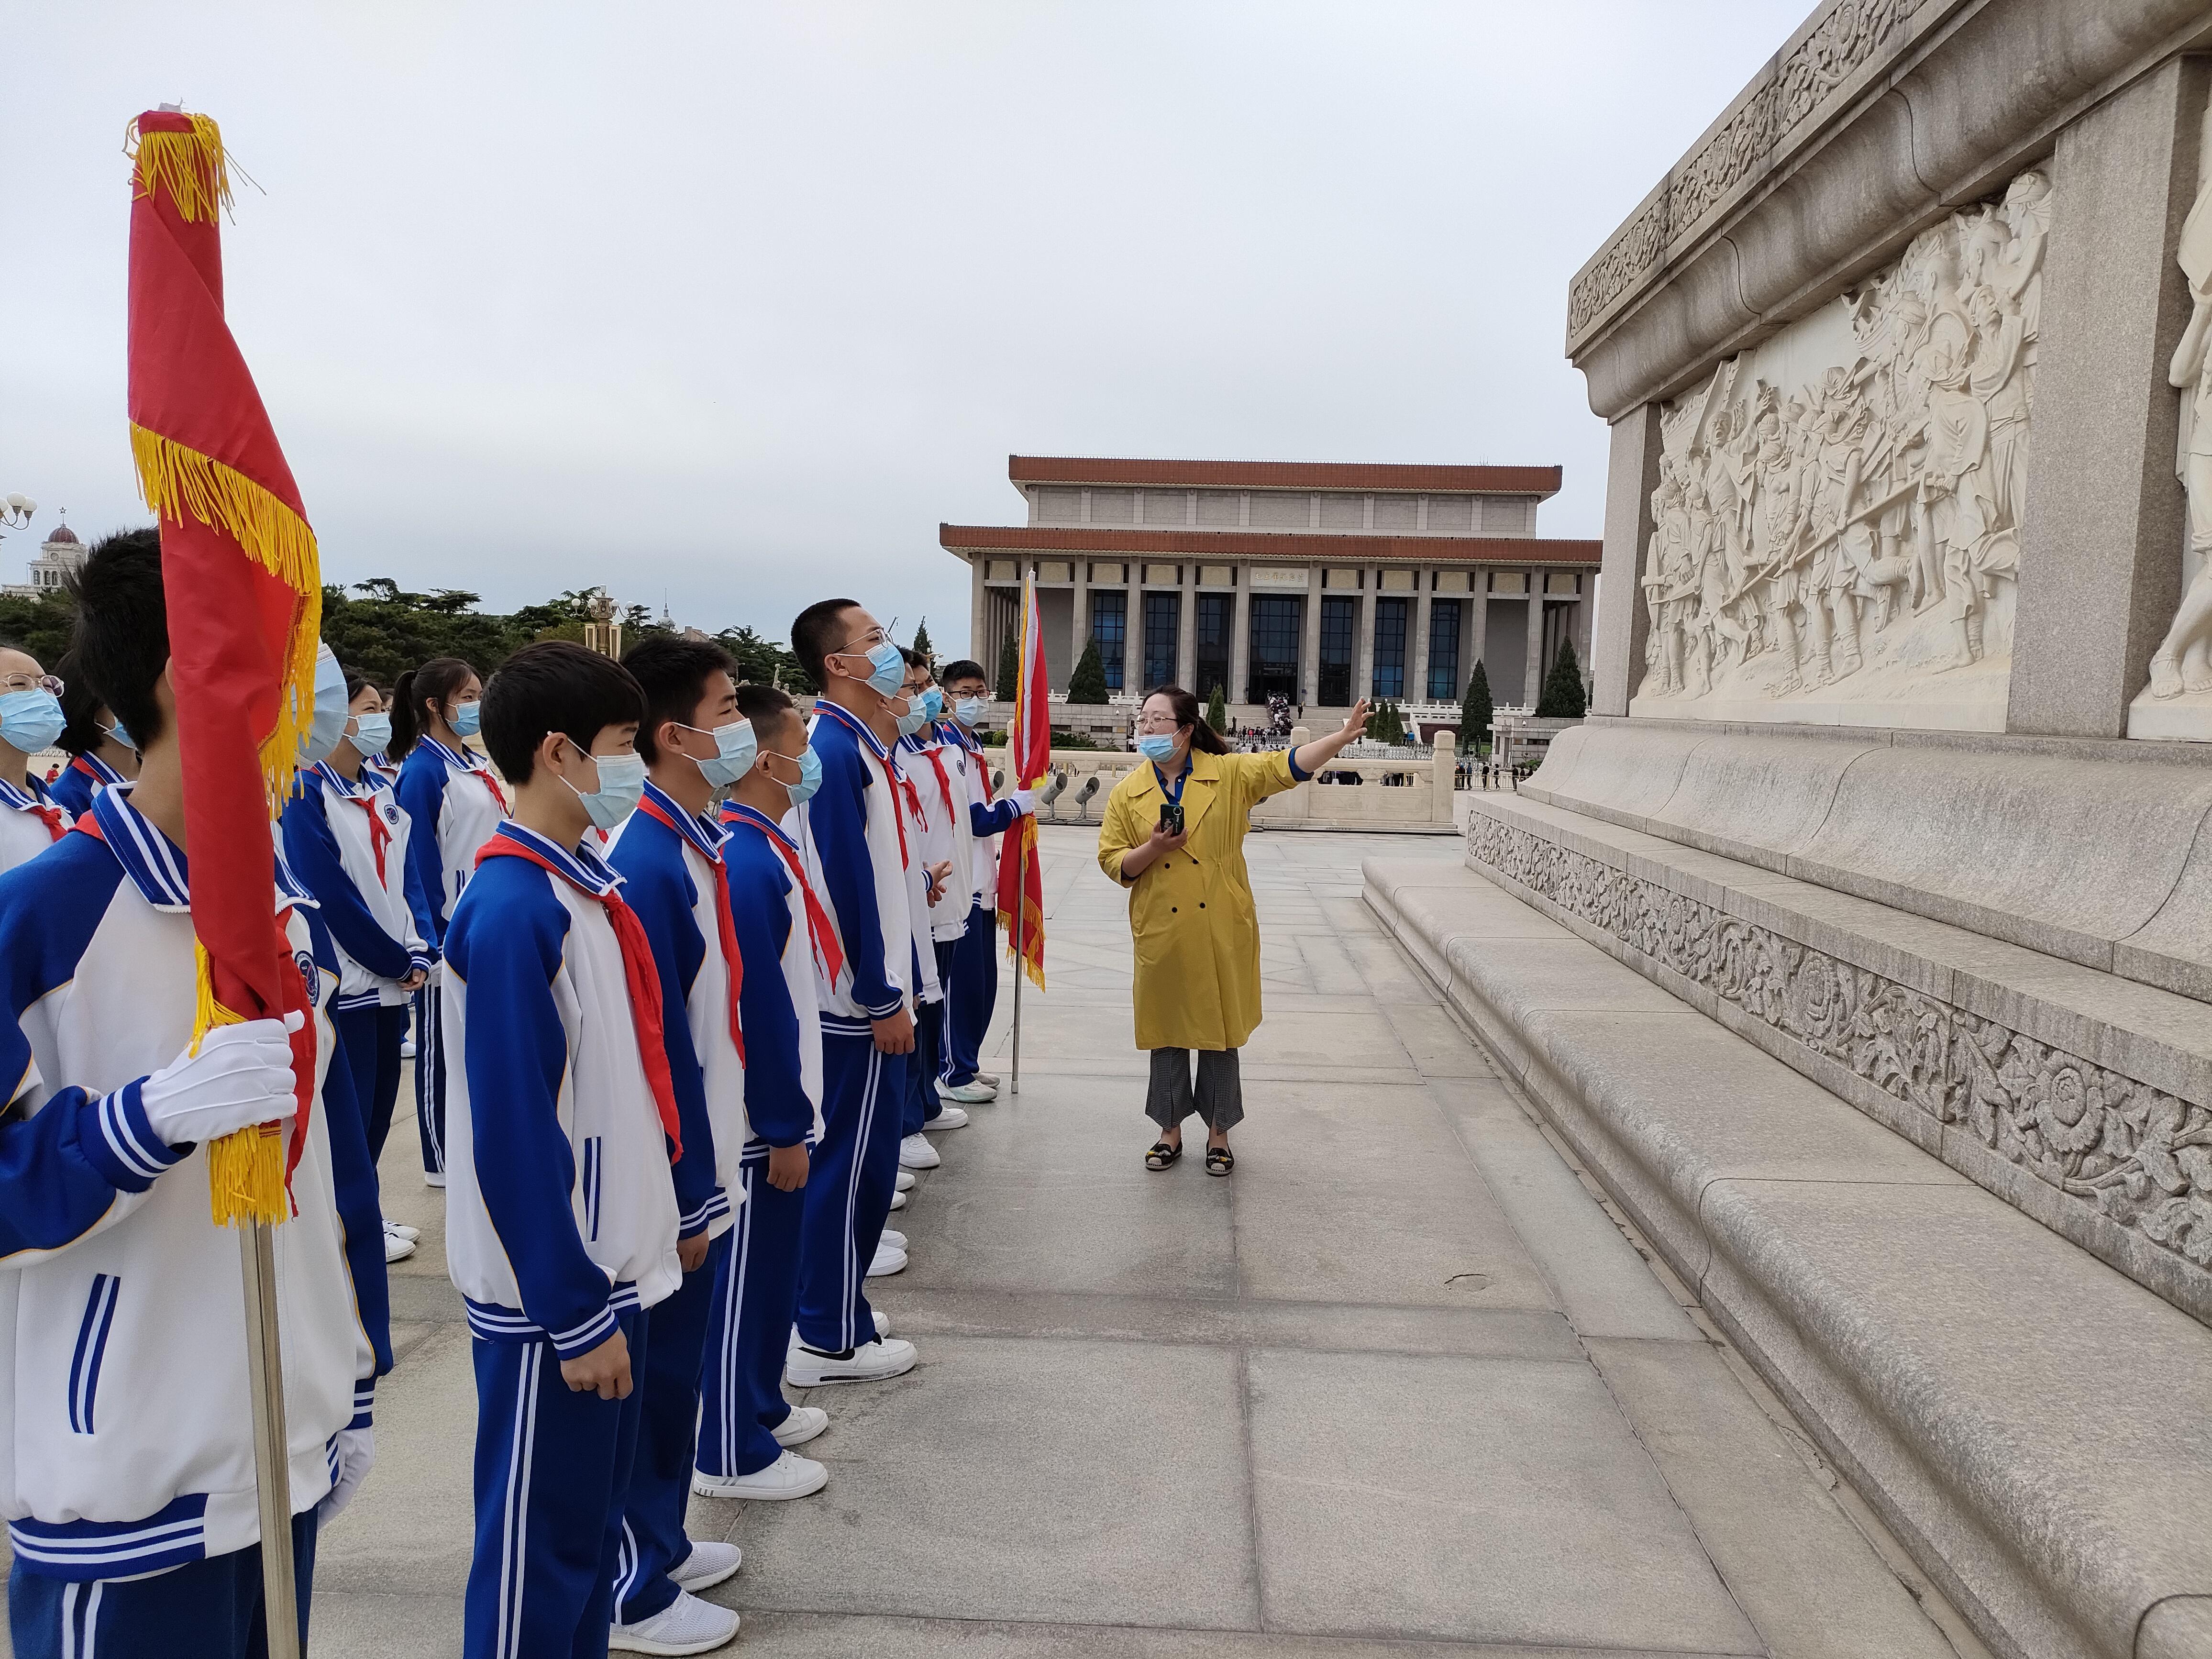 王雯雯主任为队员们讲述纪念碑上的浮雕故事.jpg